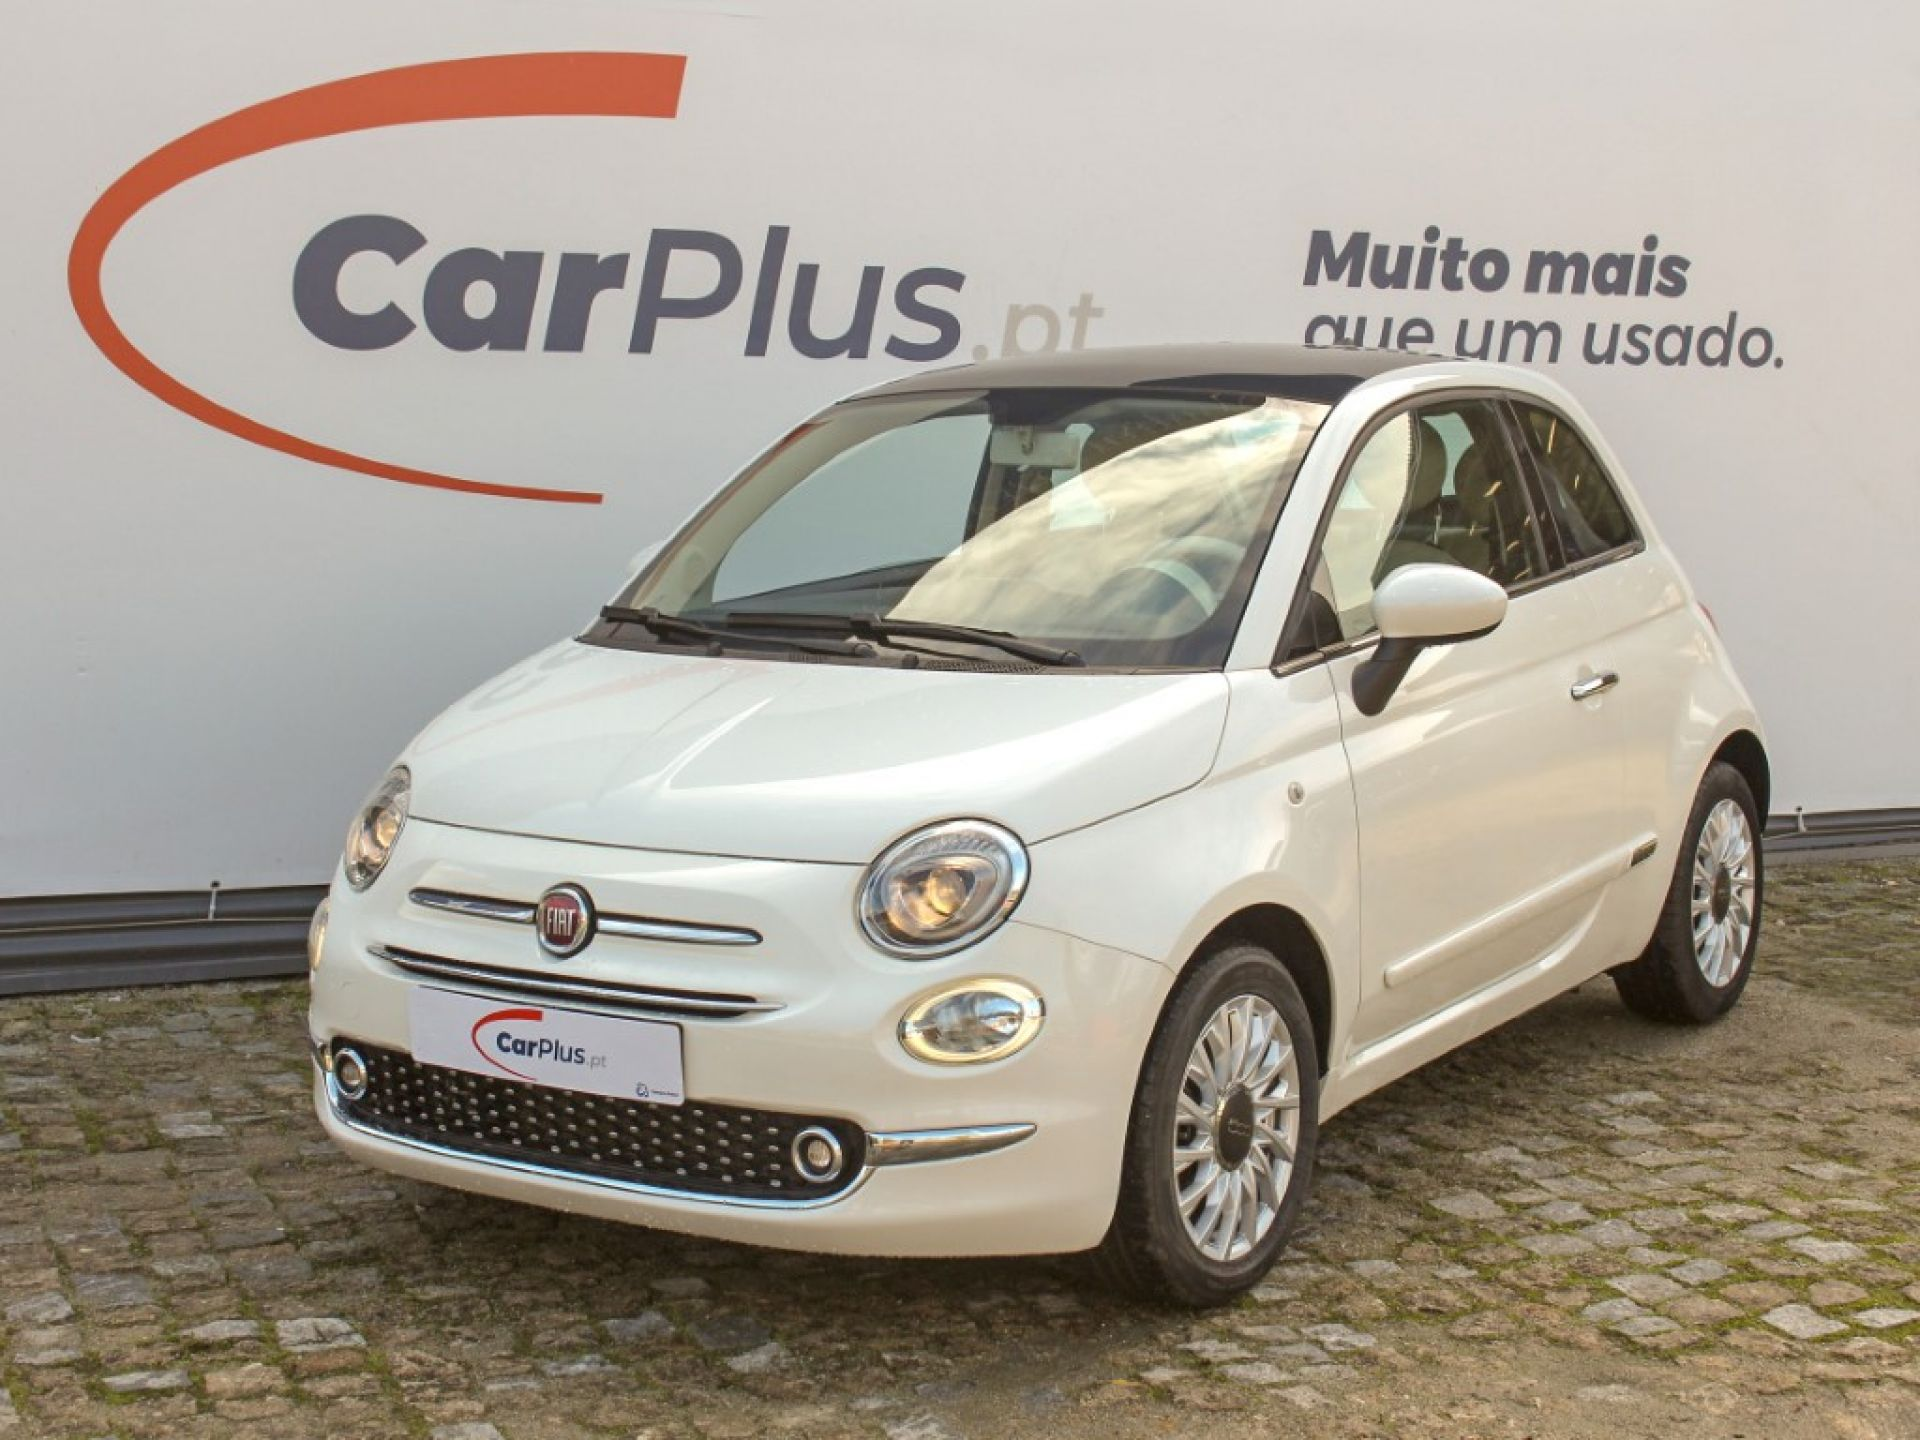 Fiat 500 1.3 Multijet 16V 95cv S&S Lounge segunda mão Porto